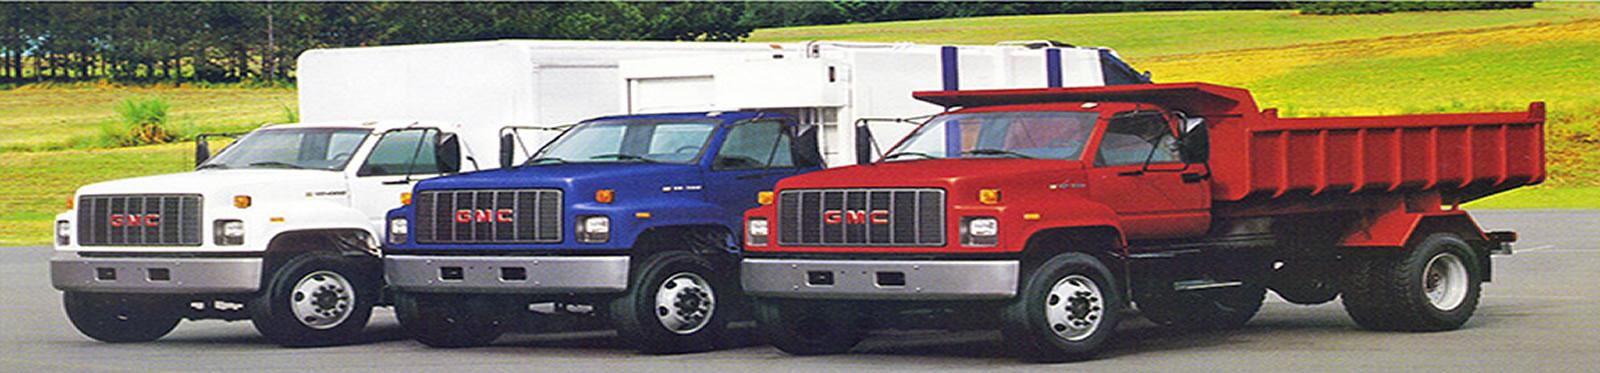 Utilicar,desmontagem e comercialização de peças para caminhões e vans